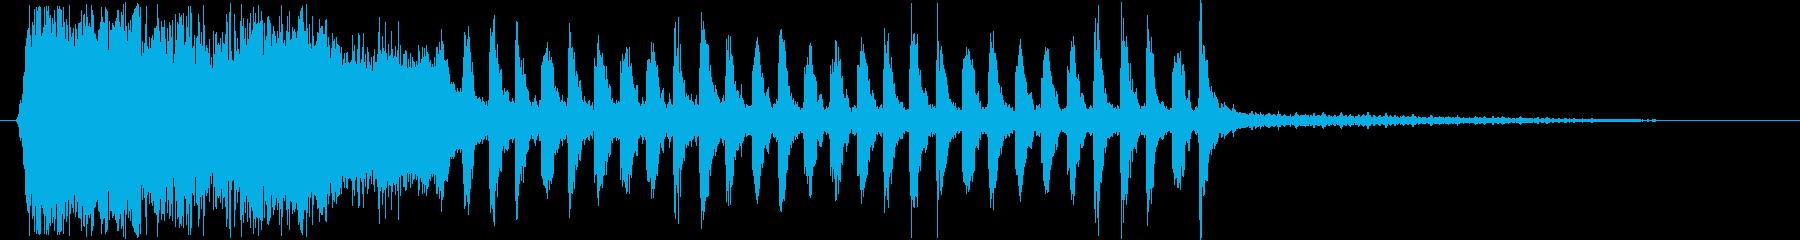 メルヘンなシンセ・木琴などサウンド短めの再生済みの波形